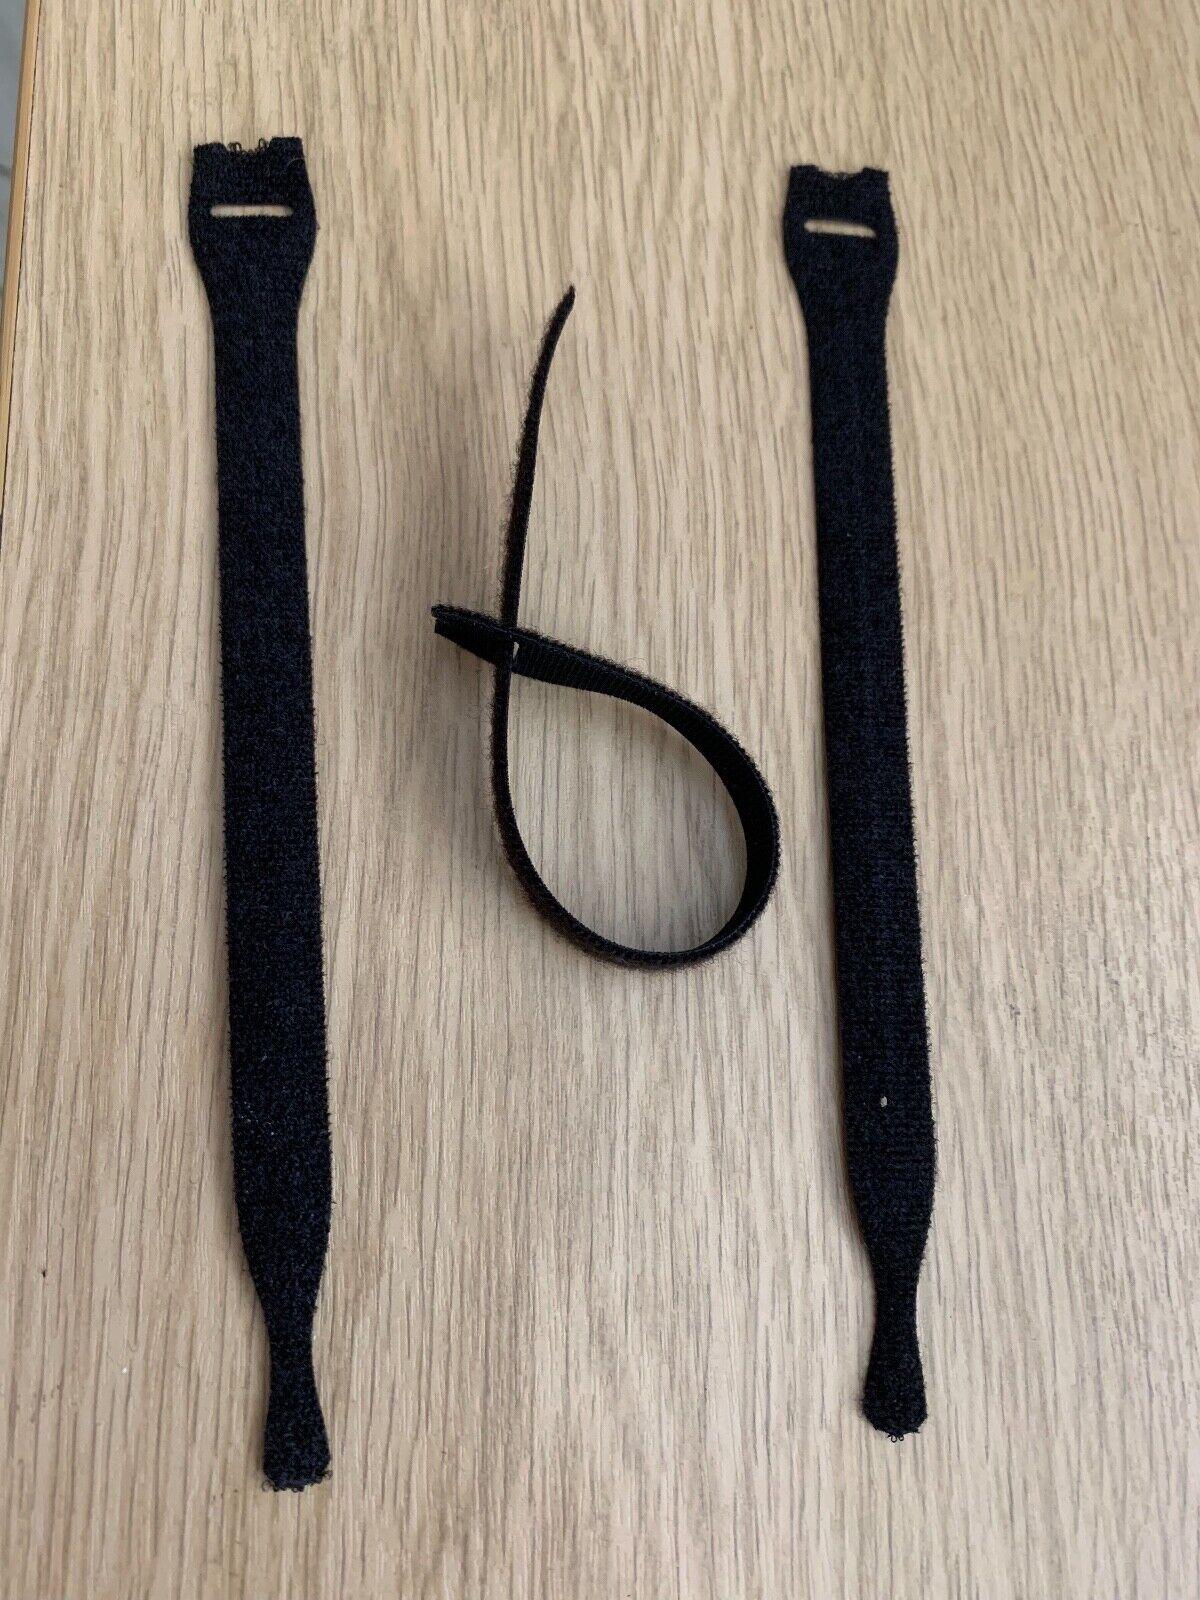 10 x TEXTIE Hook & Loop- Hellermann Tyton Cable Tie 200mm Black 10 Pack